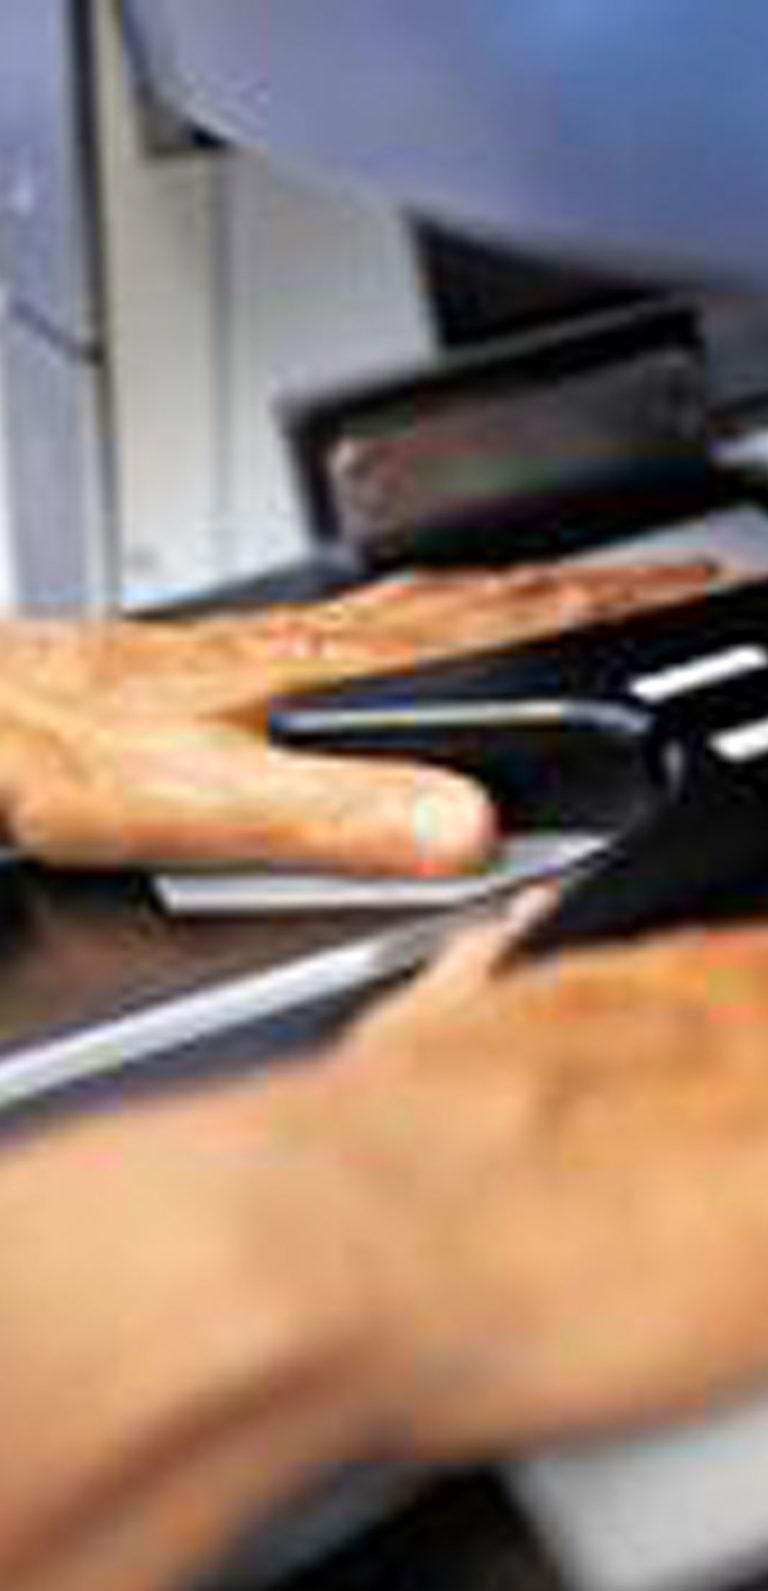 Slider-Case-HandScan-Demcon-3